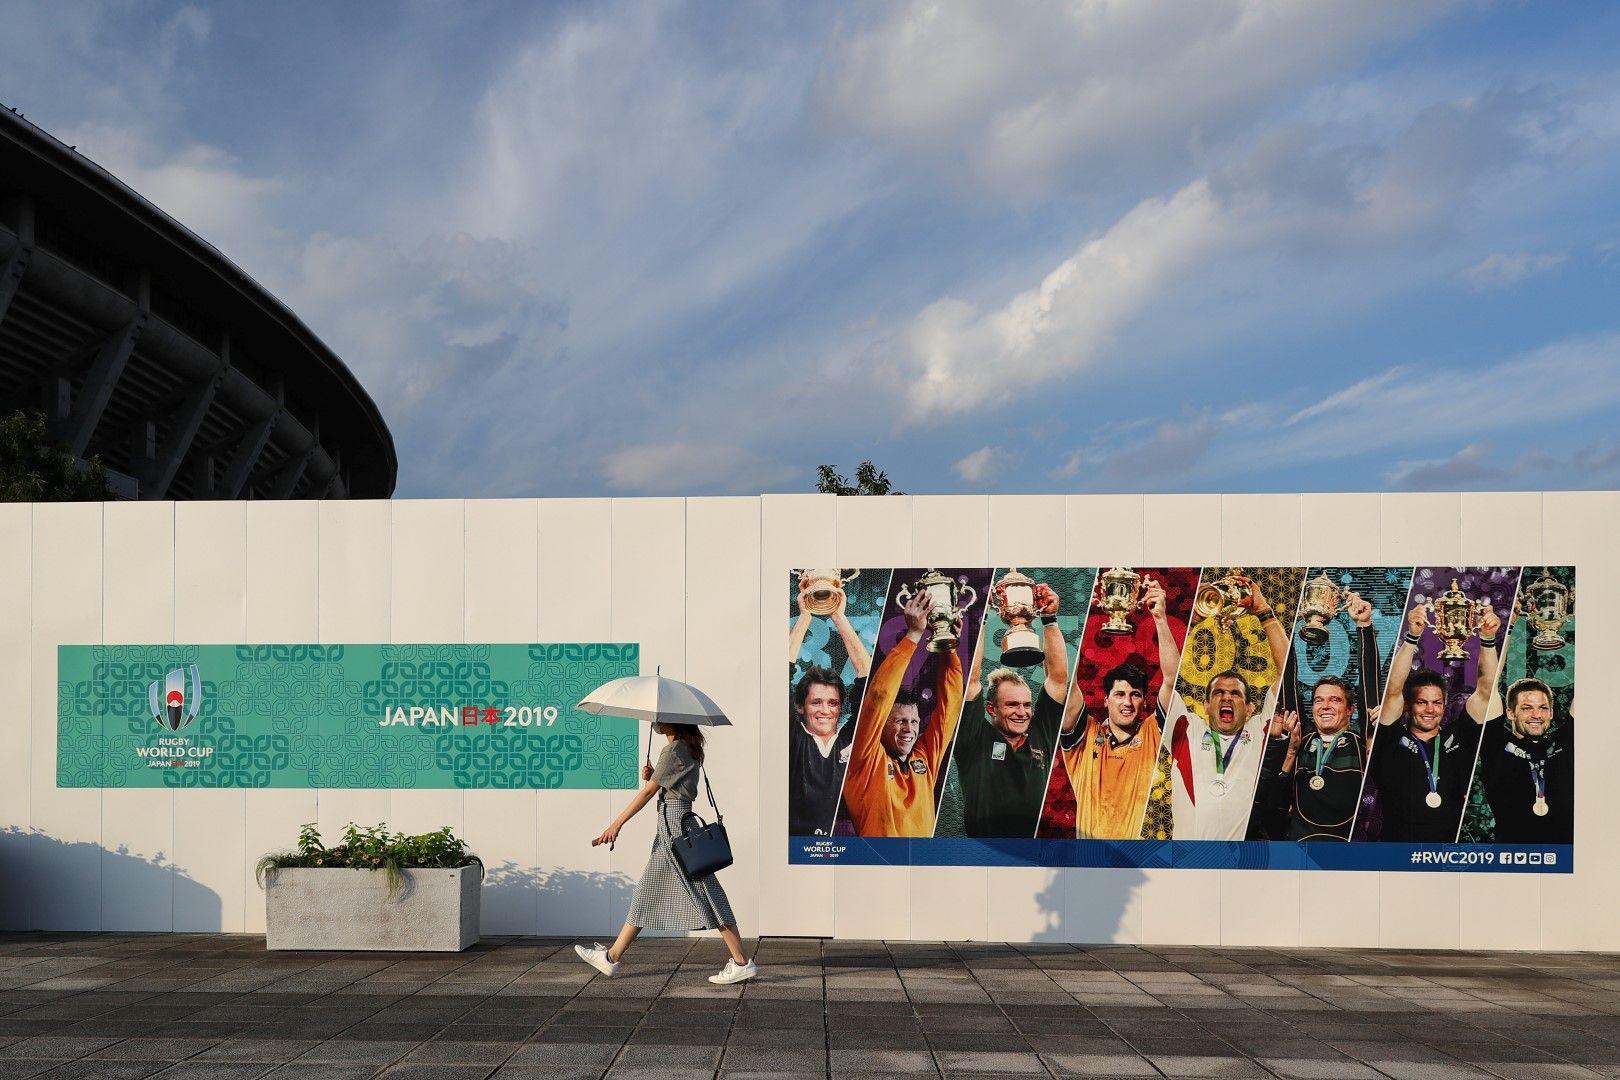 """В Япония навсякъде има ясни белези, че треската започва - стената със снимки на всички капитани, вдигали купата """"Уеб Елис"""", е на стотина метра от стадиона в Йокохама"""